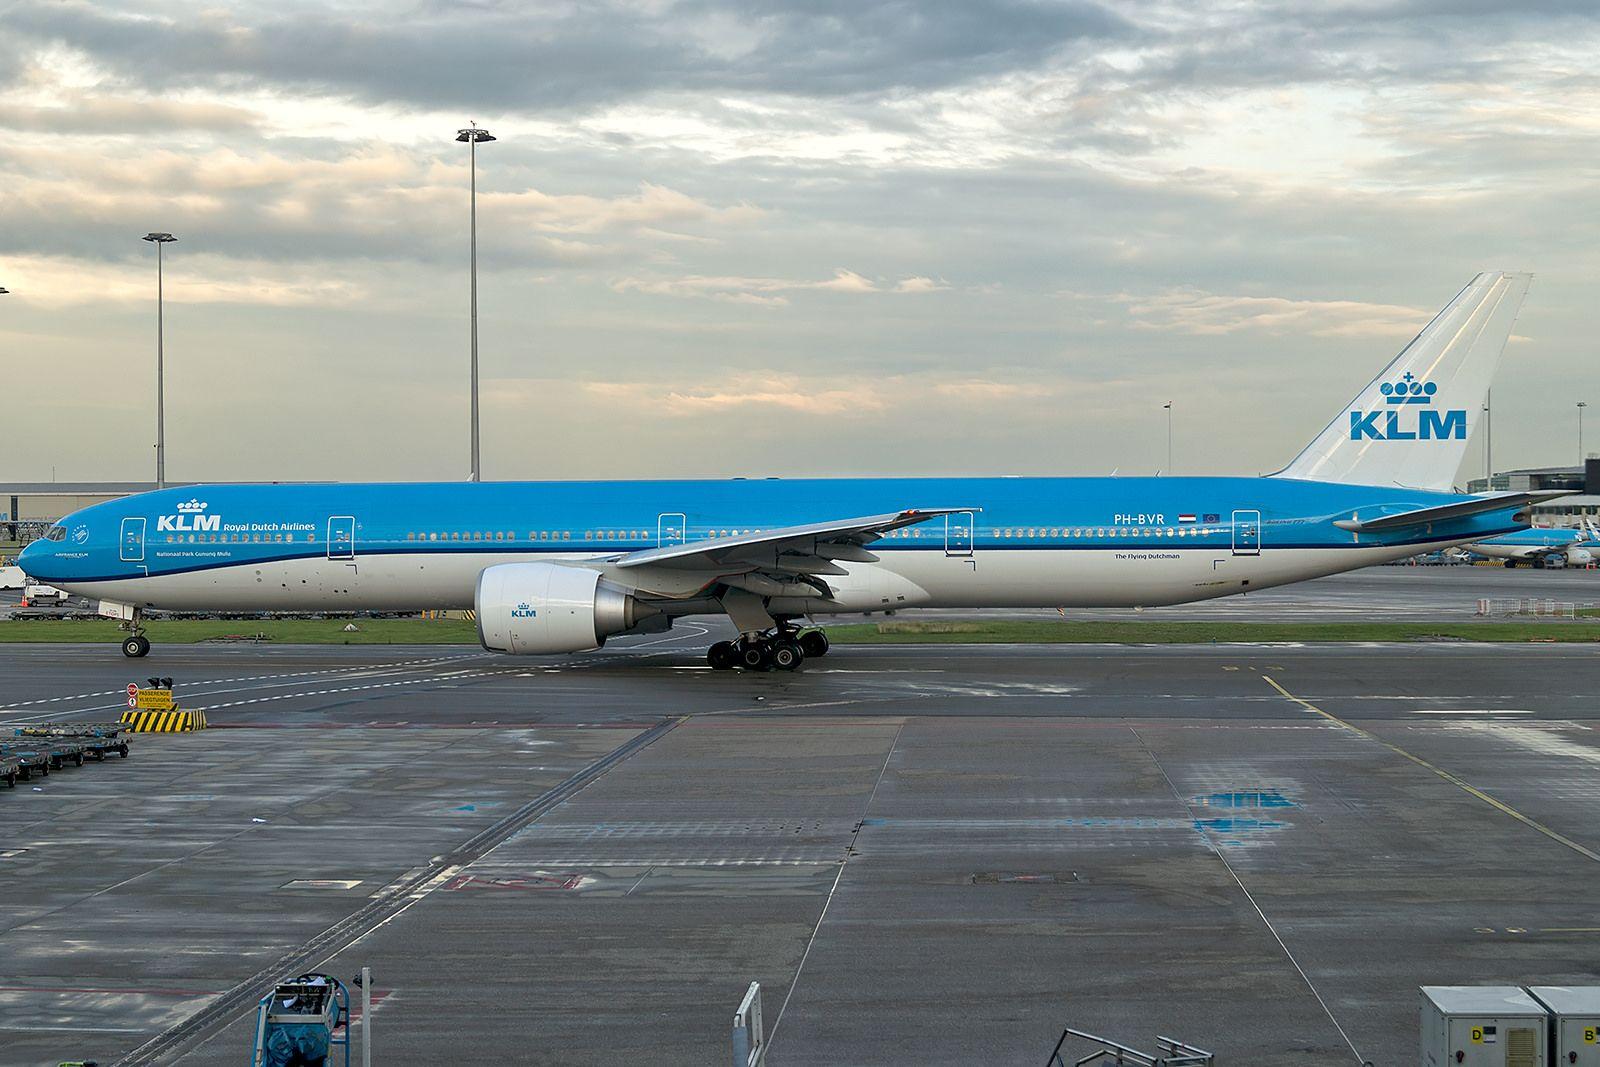 Boeing 777306ER PHBVR KLM Boeing 777, Boeing 777 300